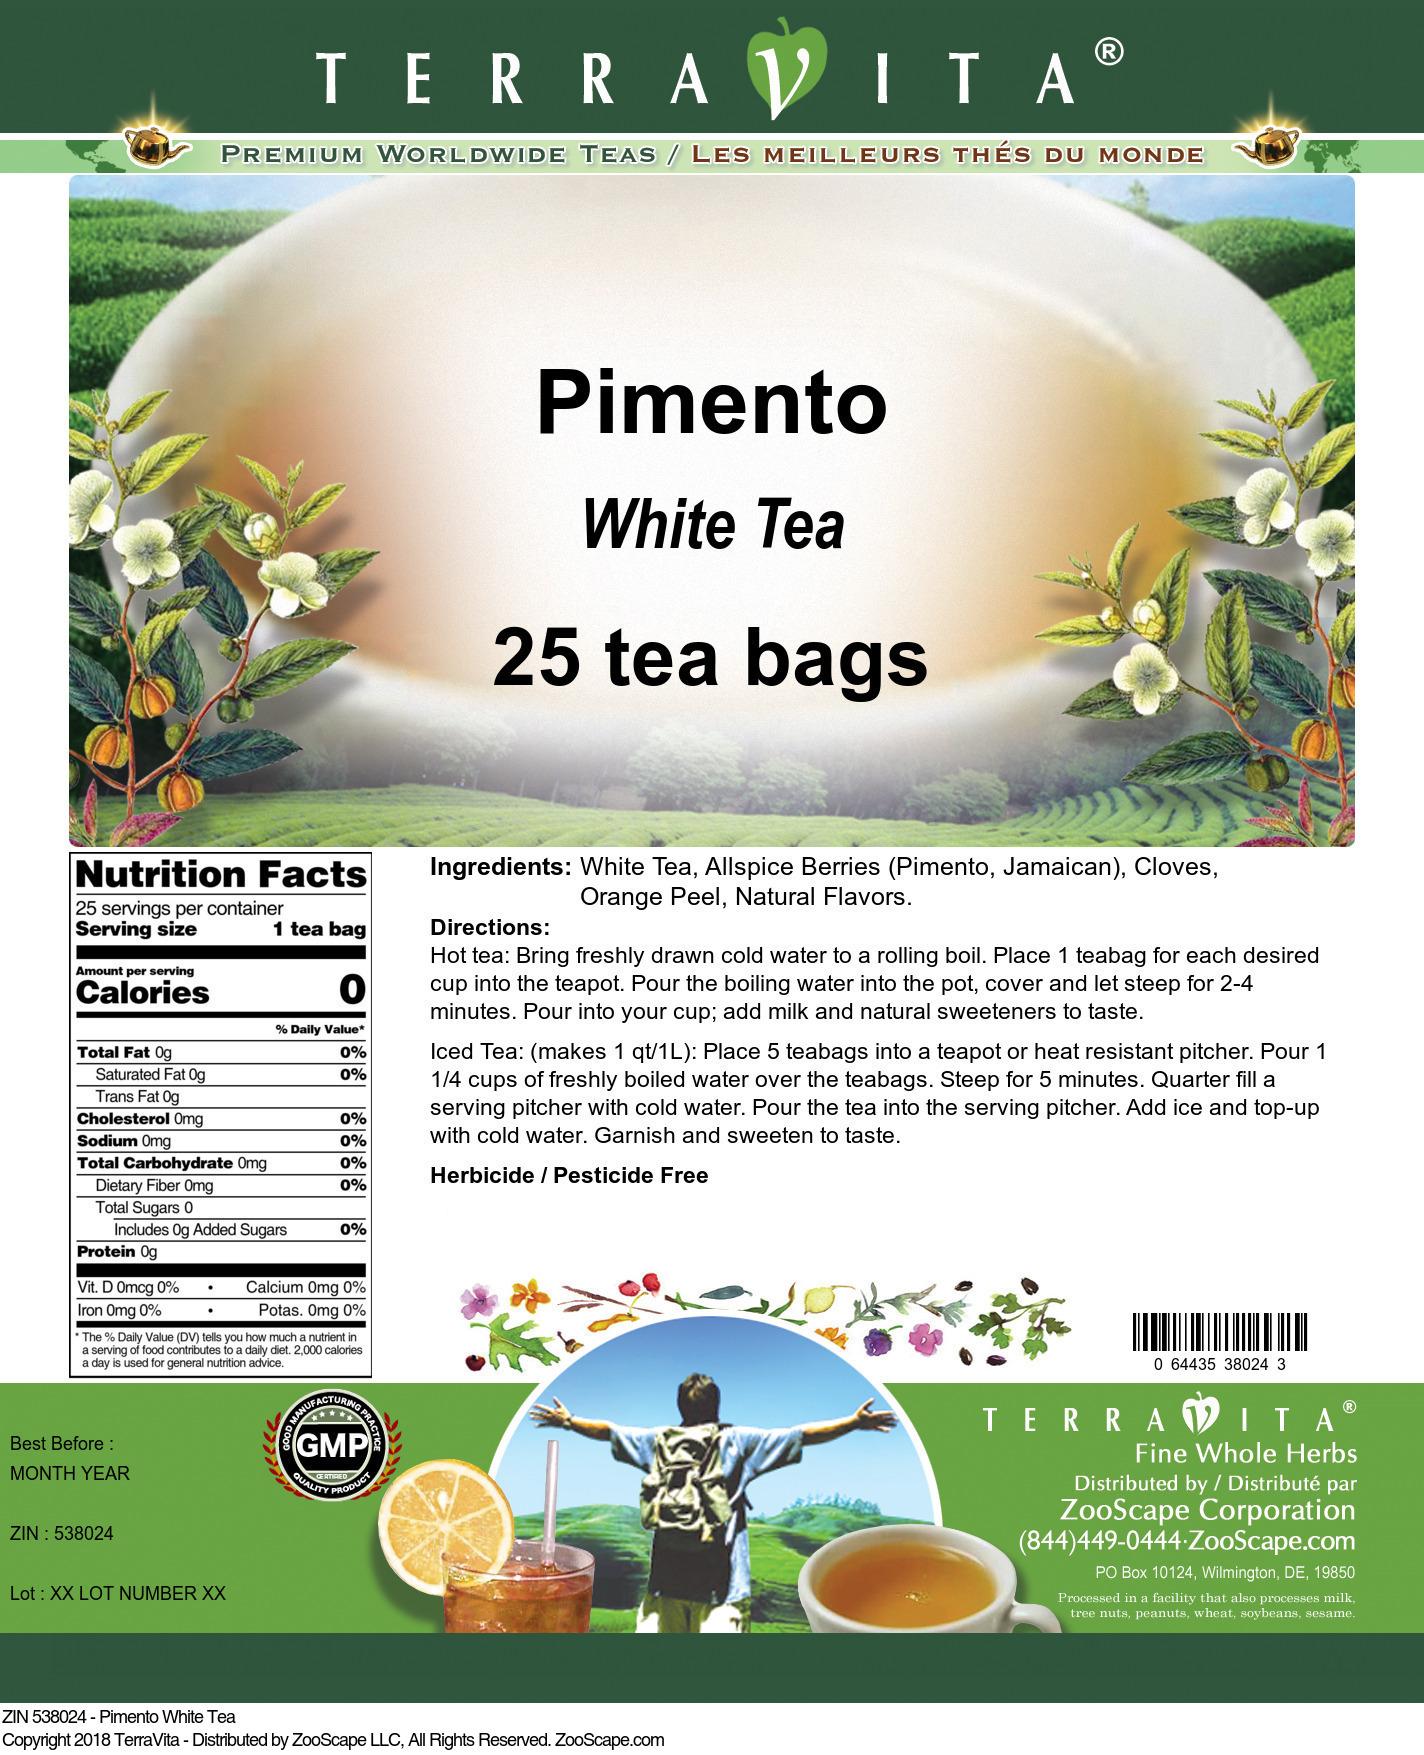 Pimento White Tea